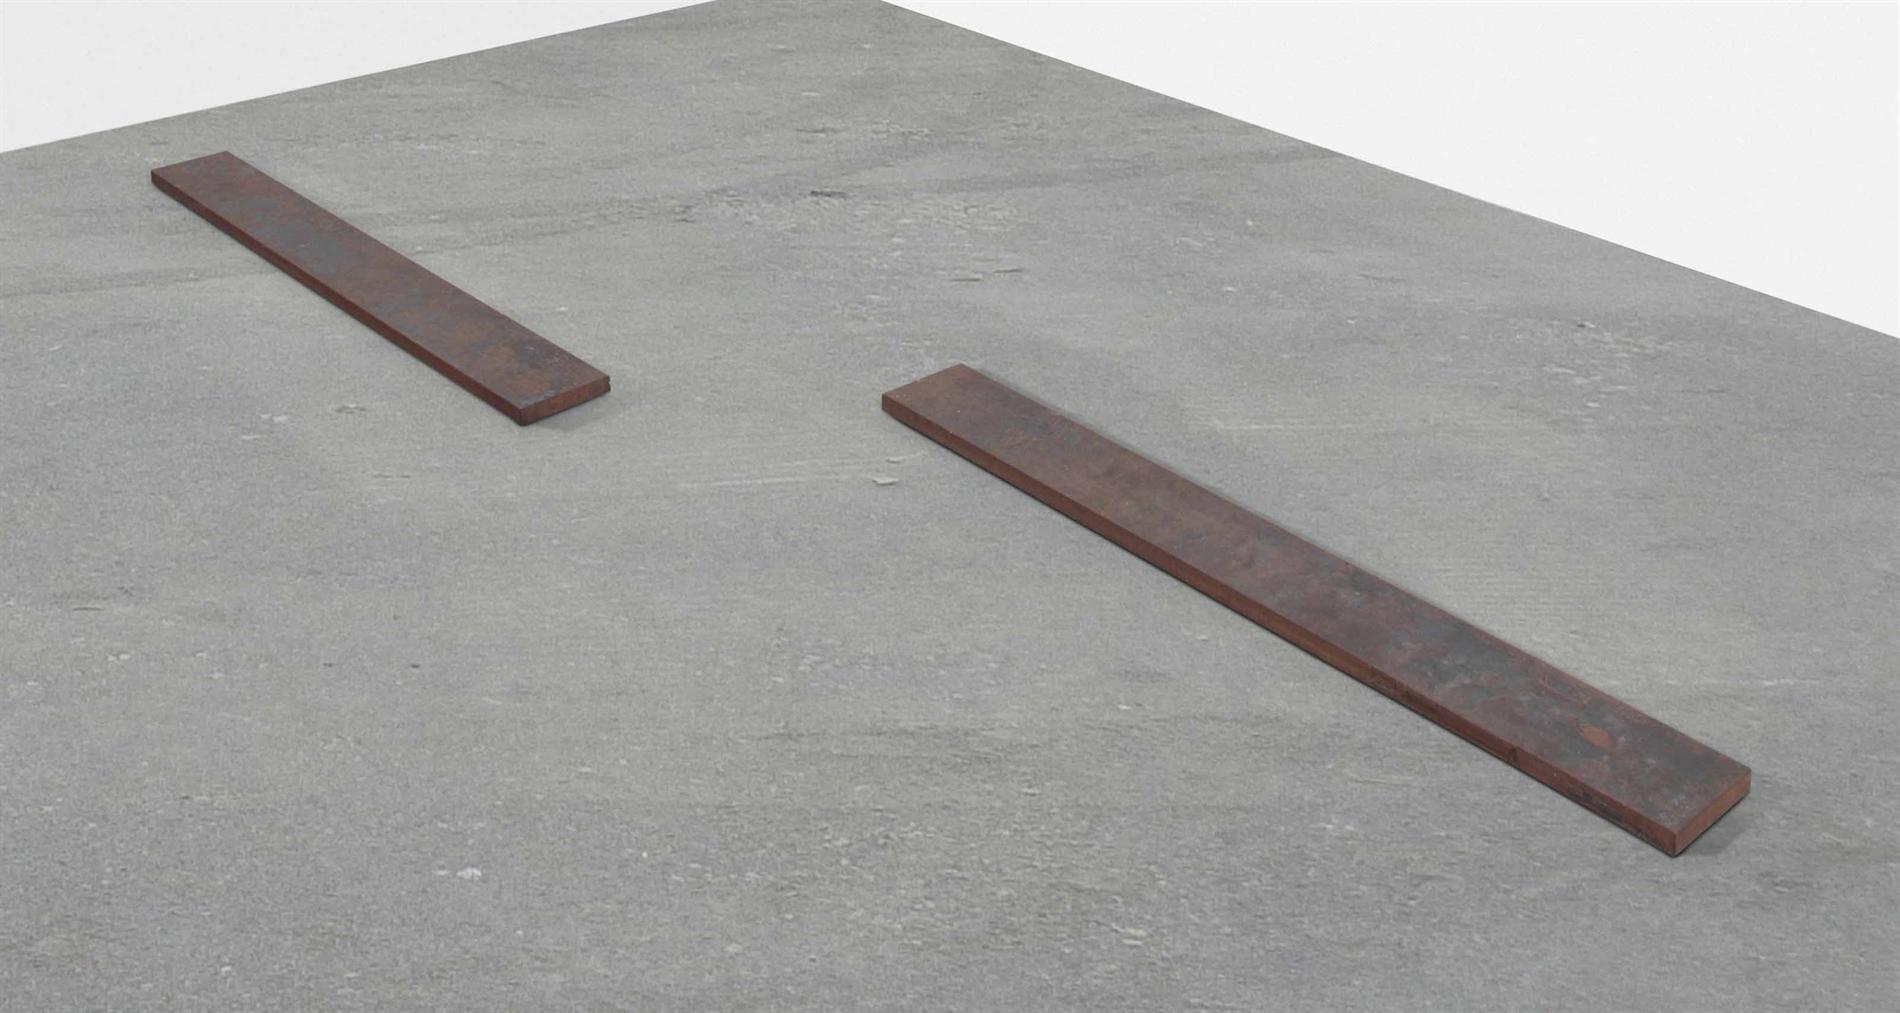 Ulrich Ruckriem-Rechteckige Eisenplatte (Rectangular Iron Plate)-1976